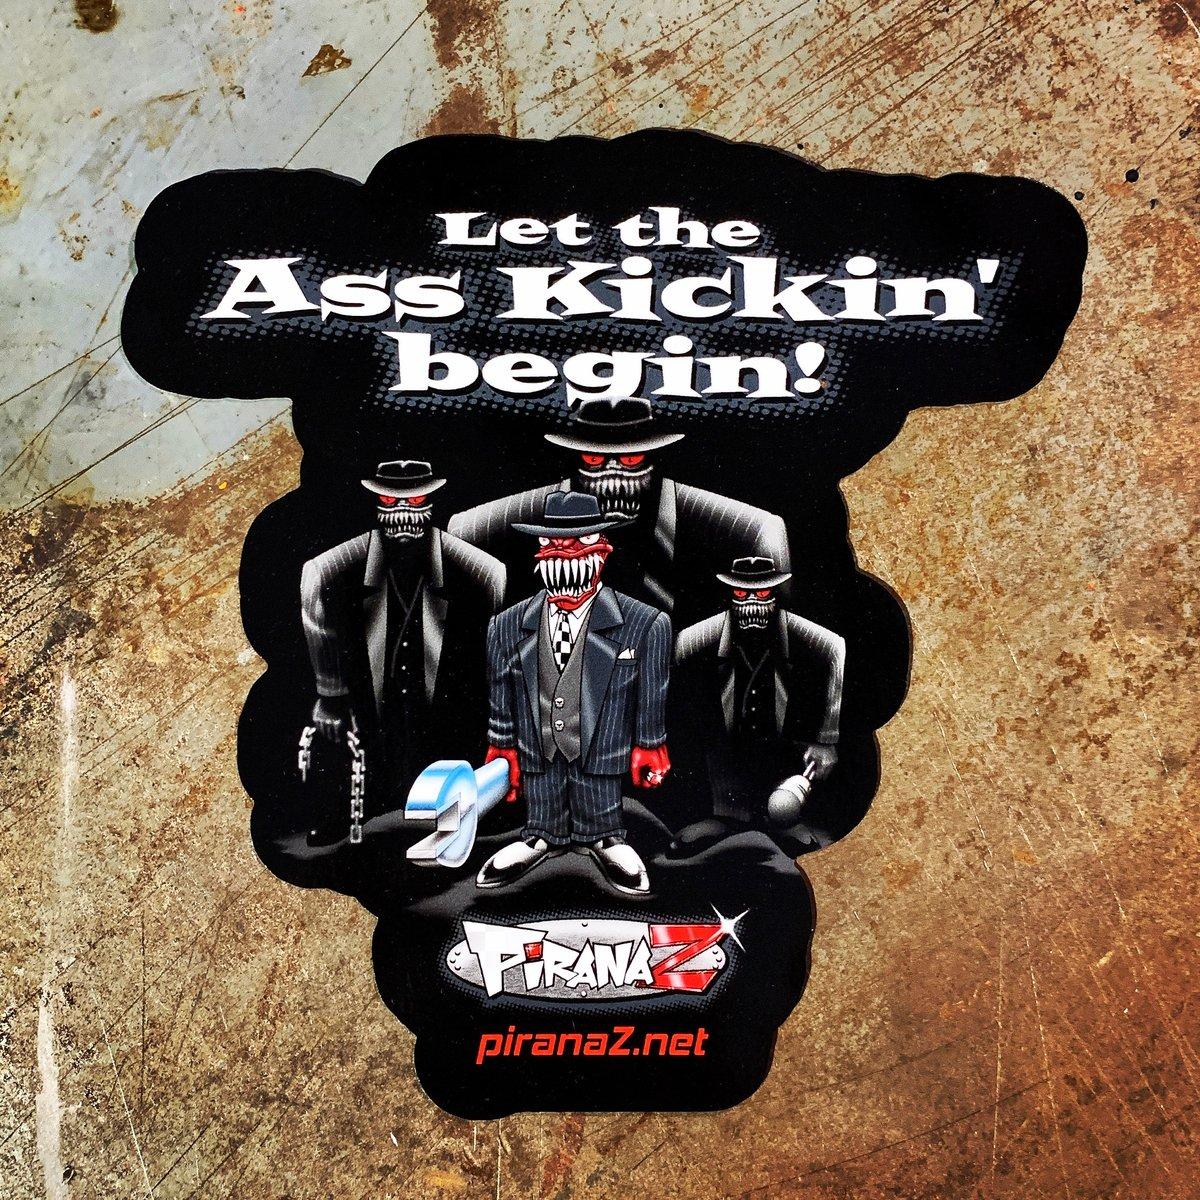 Image of Ass Kickin' Sticker